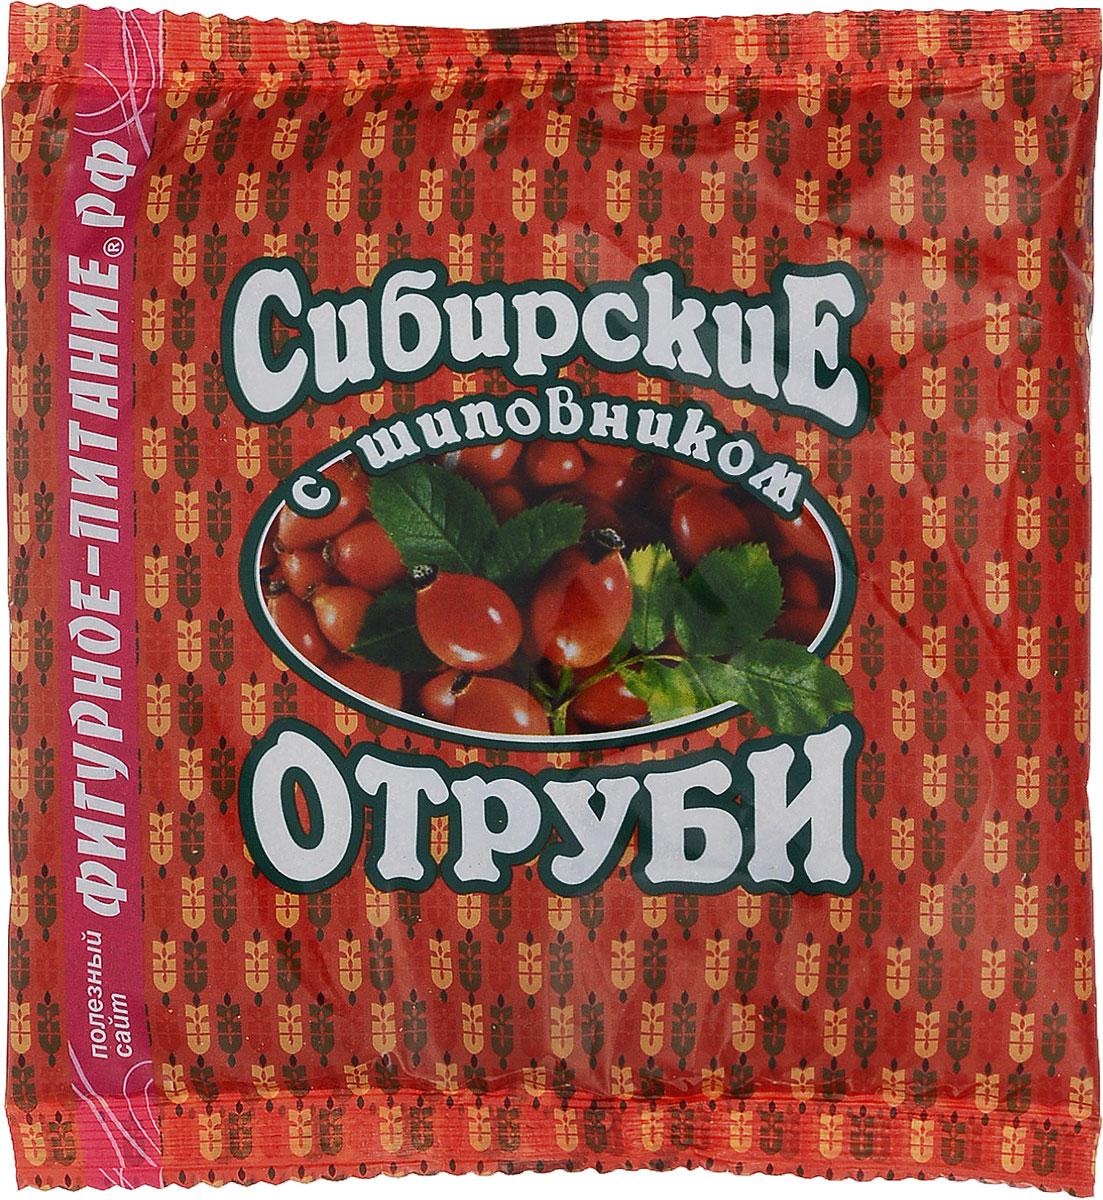 Сибирские отруби пшеничные с шиповником, 200 г компас здоровья с имбирем отруби овсяные 200 г